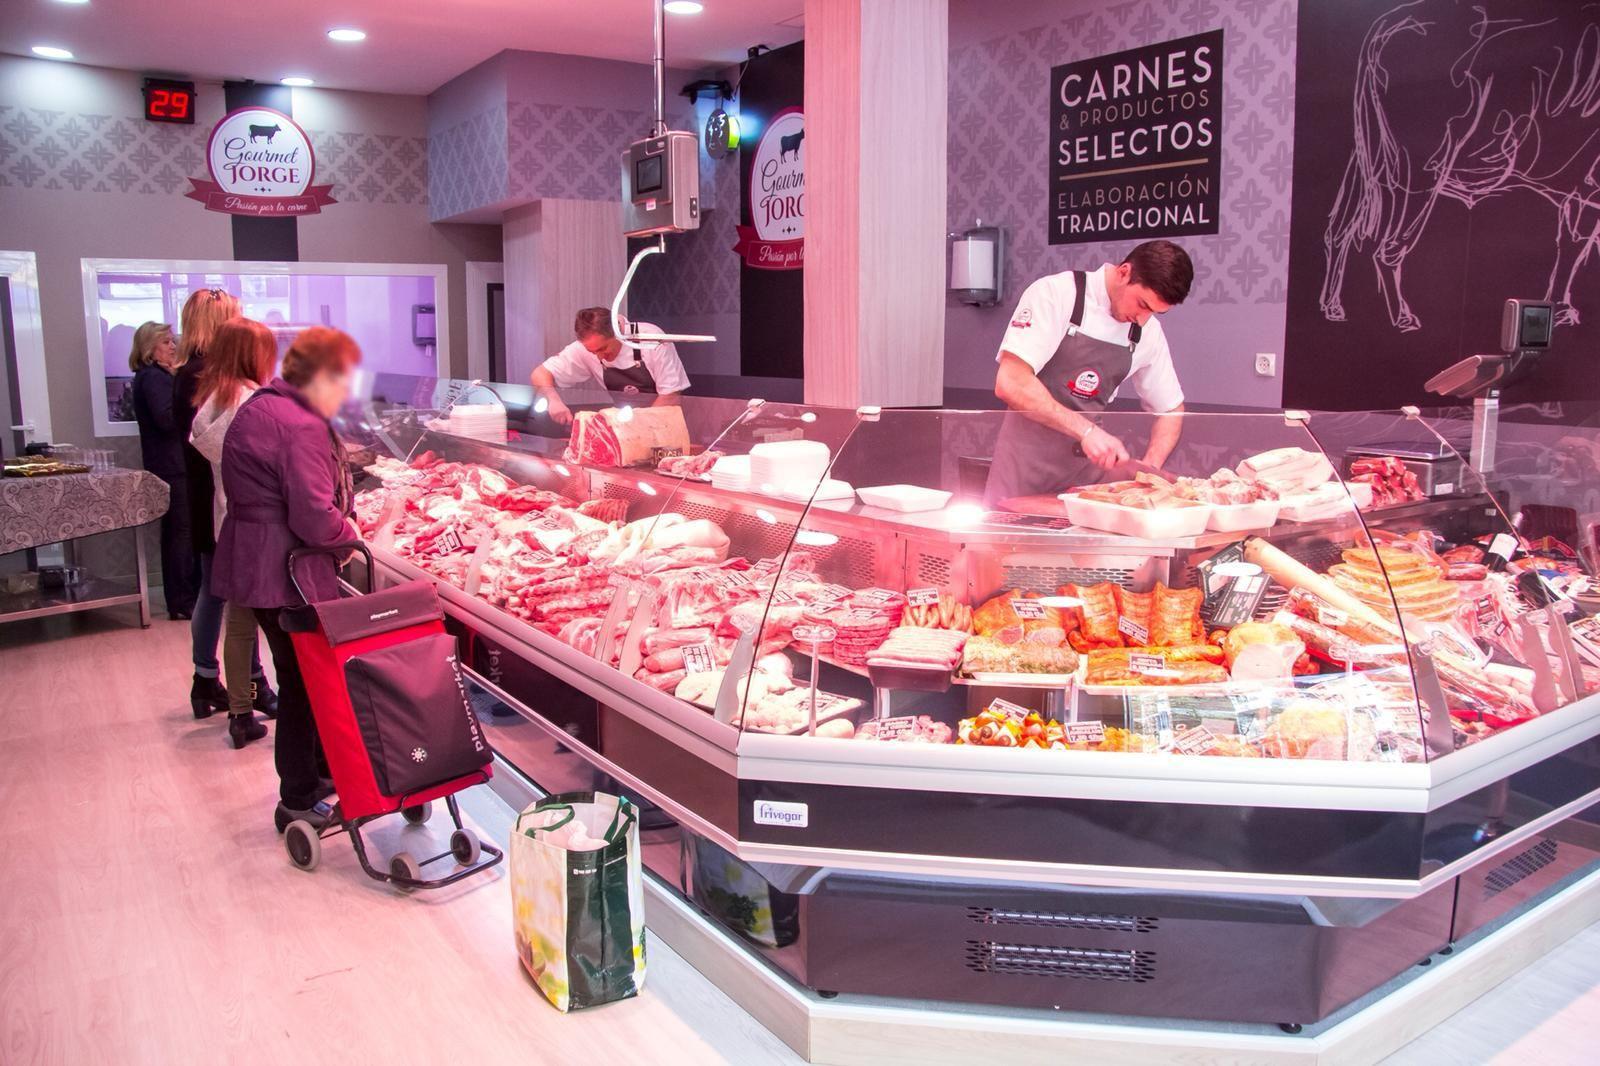 Foto 4 de Carnicerías en  | Gourmet Jorge